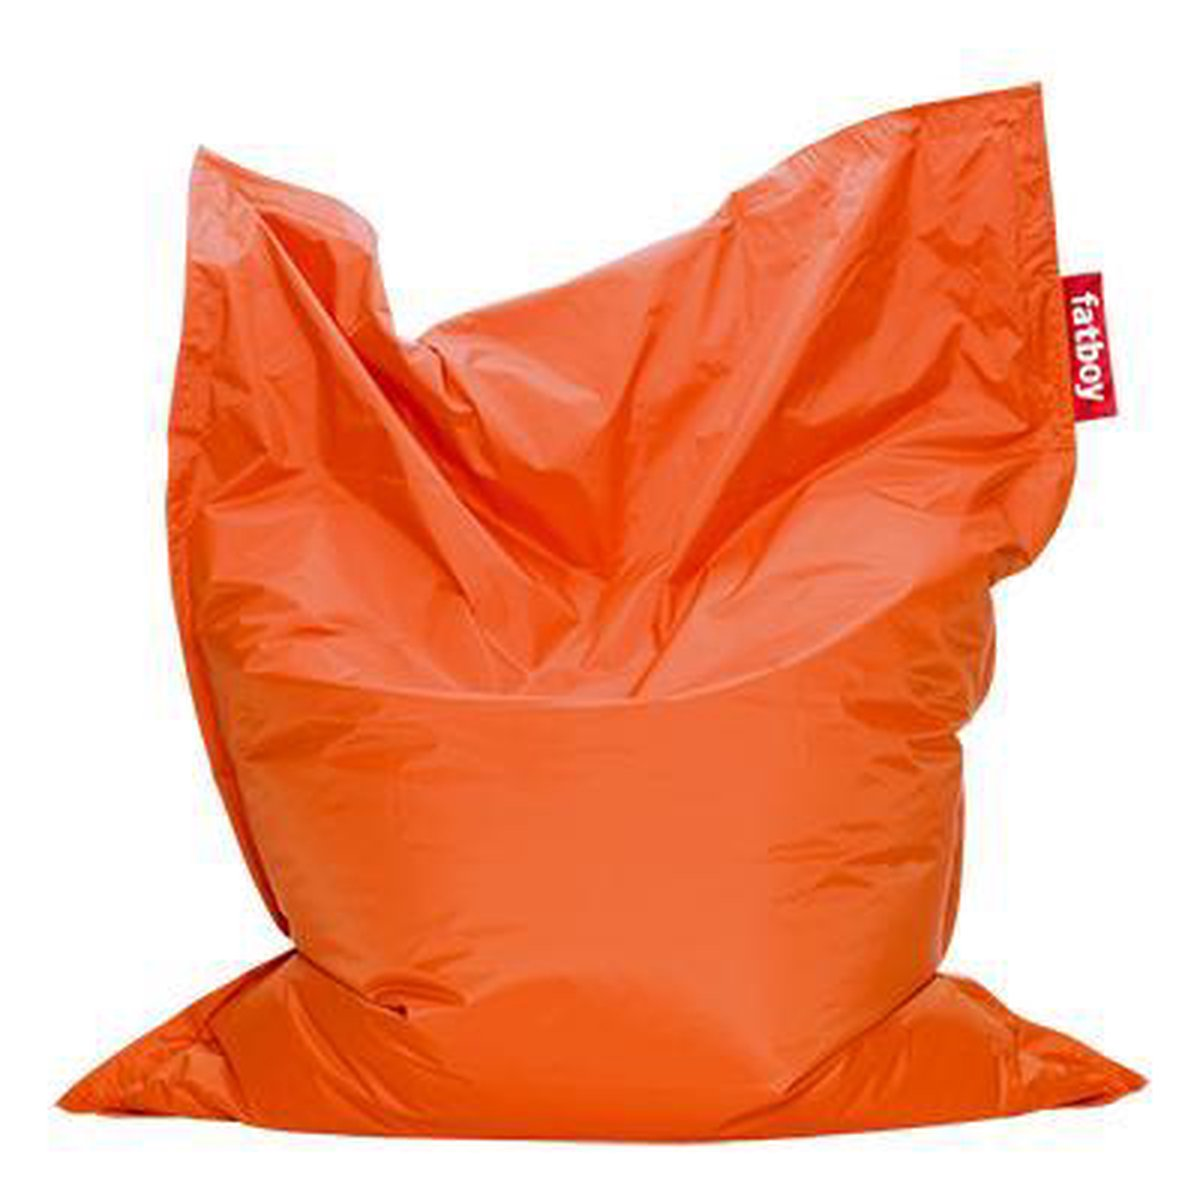 Oranje Zitzak Fatboy.Bol Com Fatboy The Original Zitzak Orange Oranje